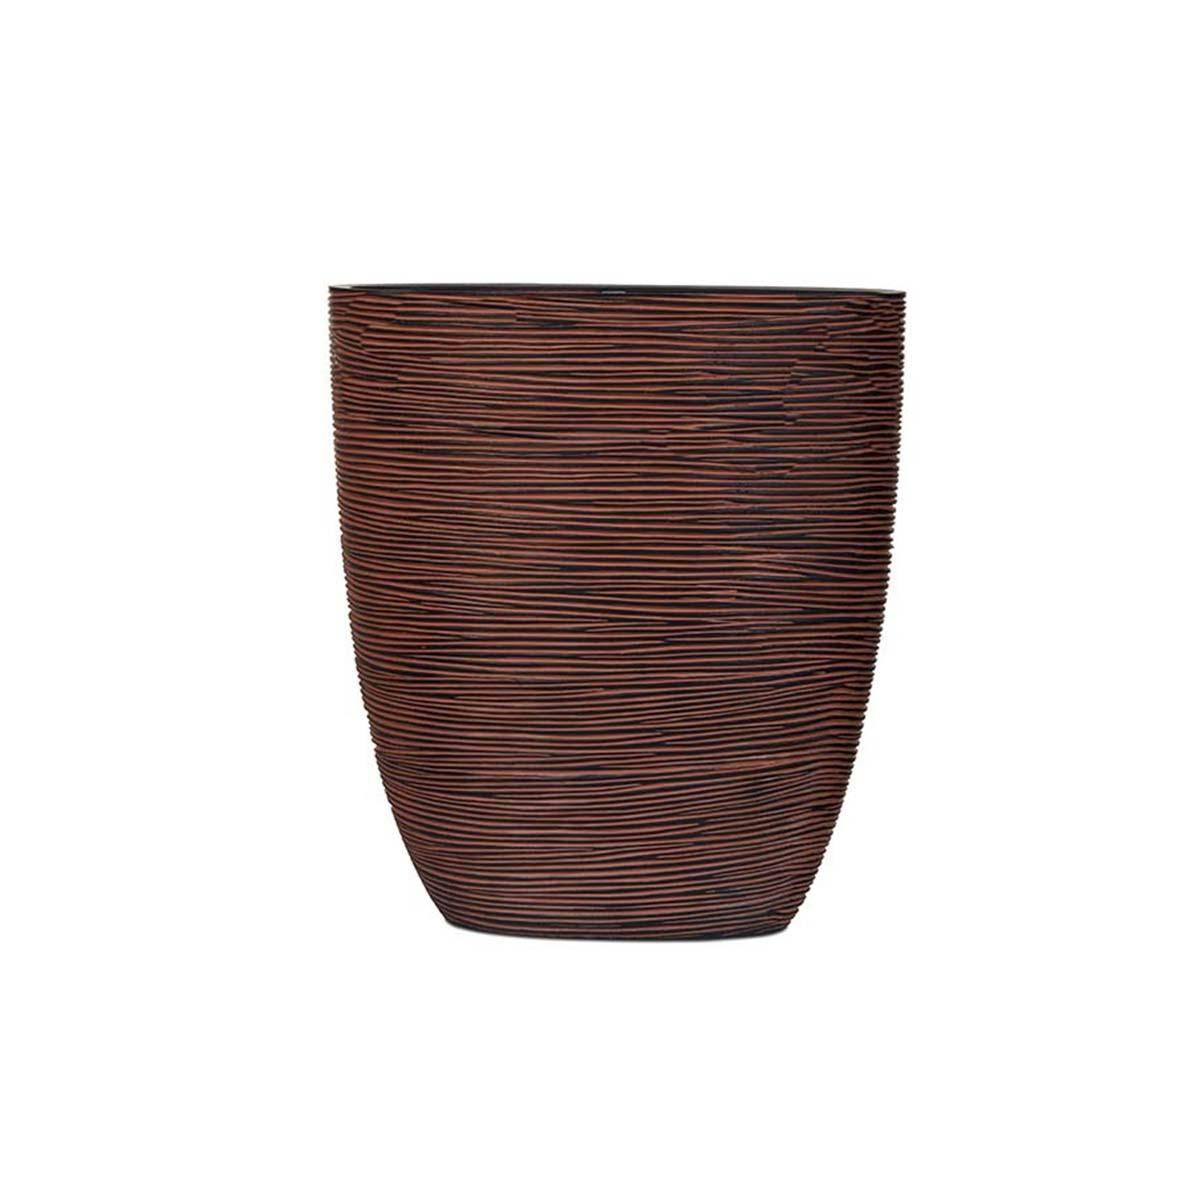 Jardinière haut ovale strié marron